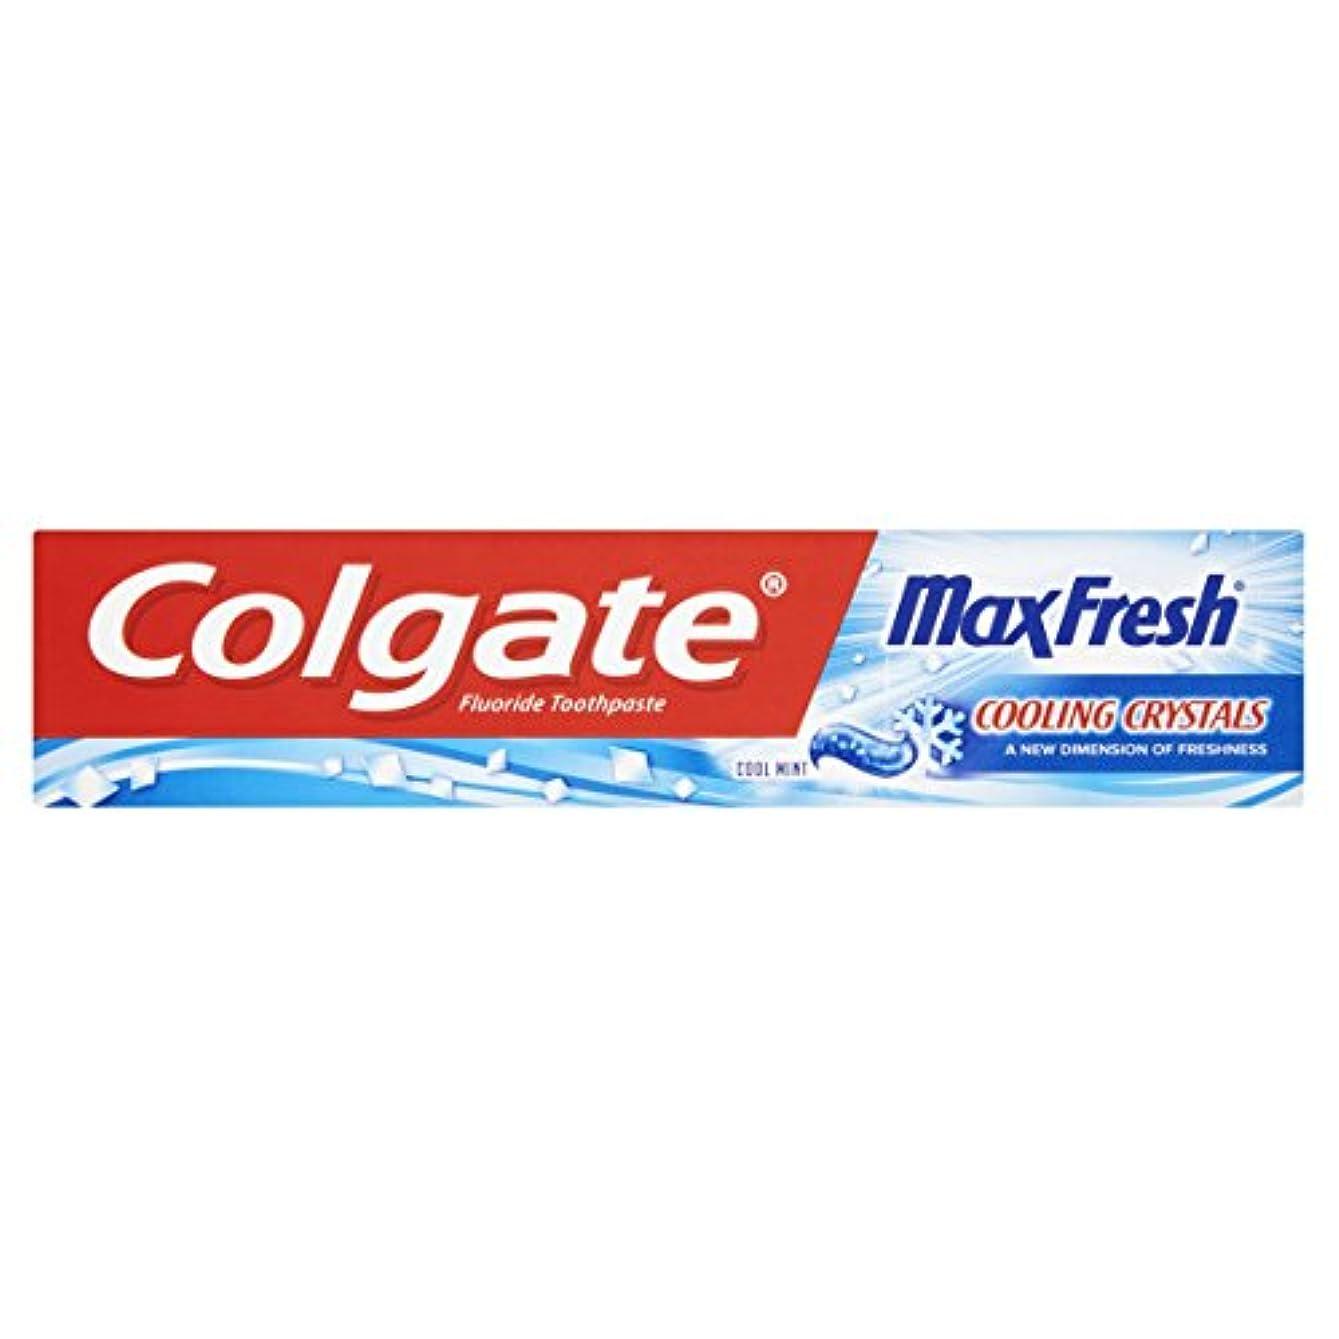 同化する郵便局産地[Colgate ] コルゲート最大の新鮮な青歯磨き粉の125ミリリットル - Colgate Max Fresh Blue Toothpaste 125Ml [並行輸入品]